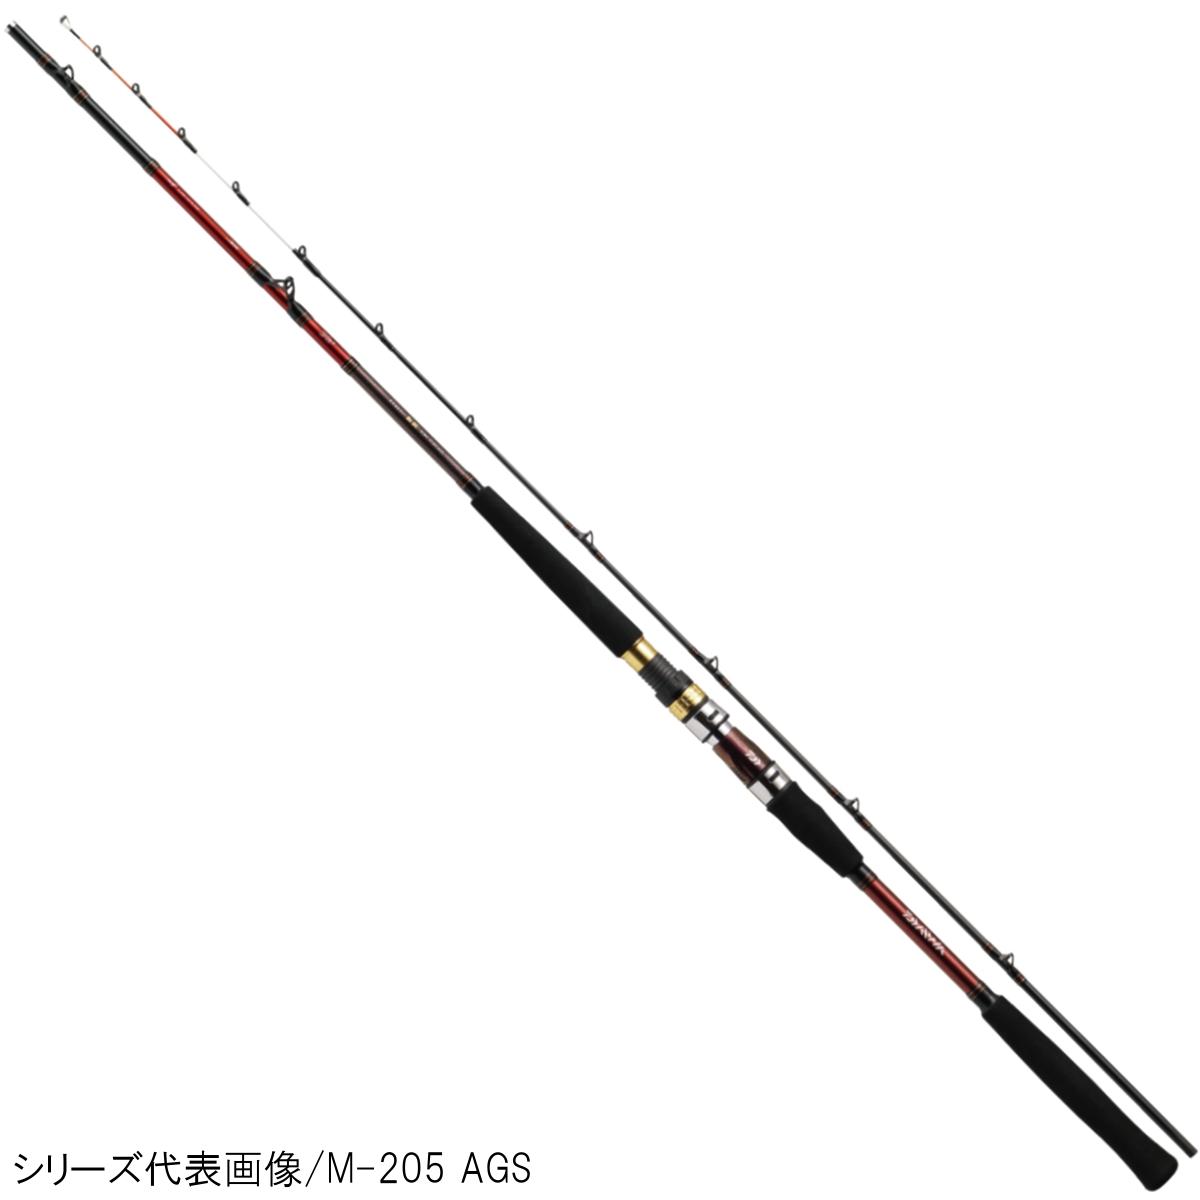 ダイワ 極鋭ギア M-270 AGS【大型商品】